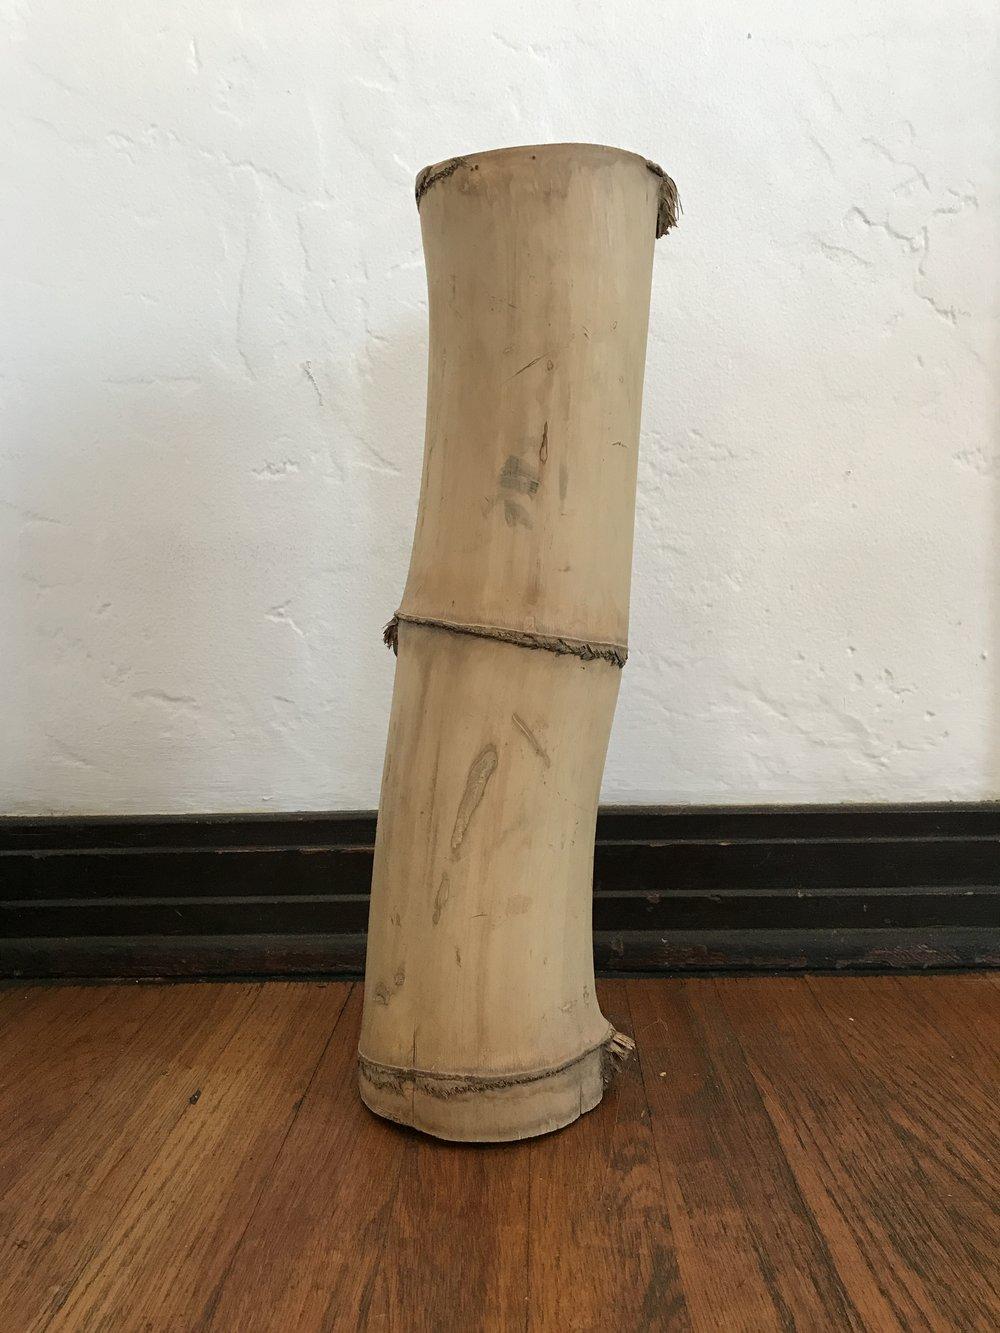 Bamboo refuse taken from MAK Center, Schindler House